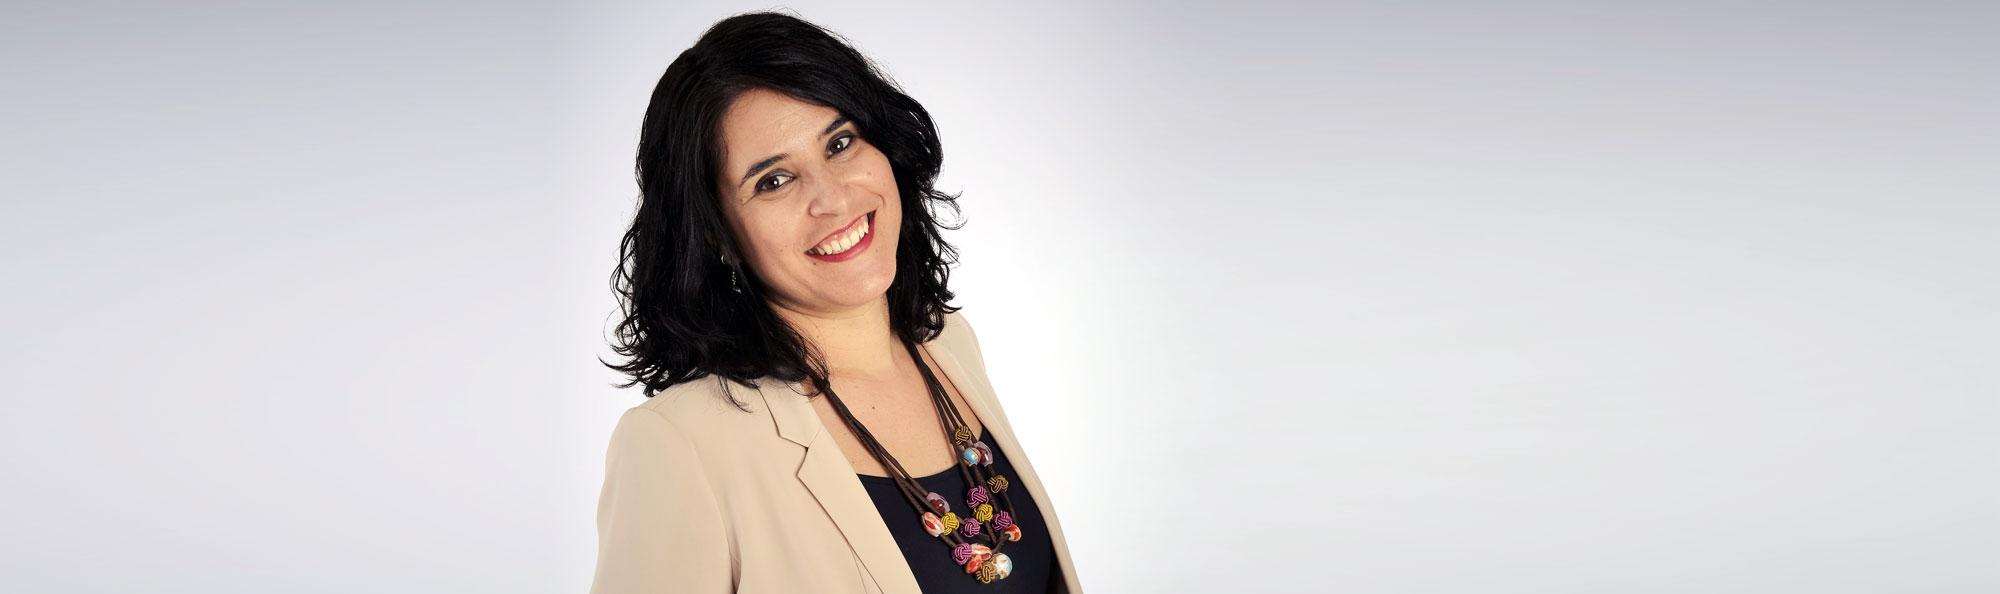 Cristina José Lorente, formadora i assessora d'atenció al client